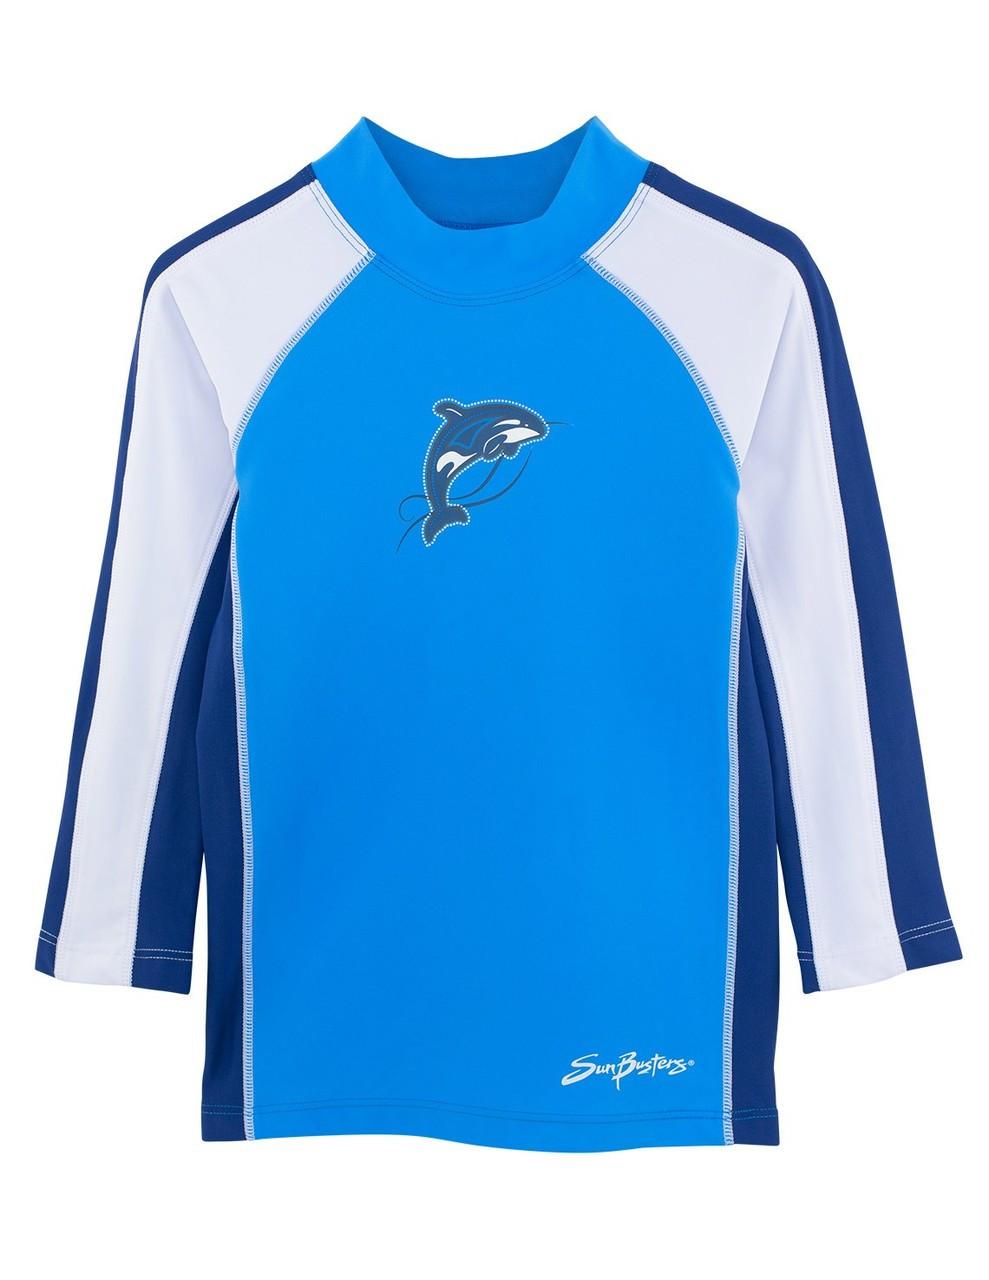 e9578f6823 Boys Sun Busters L/S Rashguard Swim Shirt Splash | Boys UV Clothing